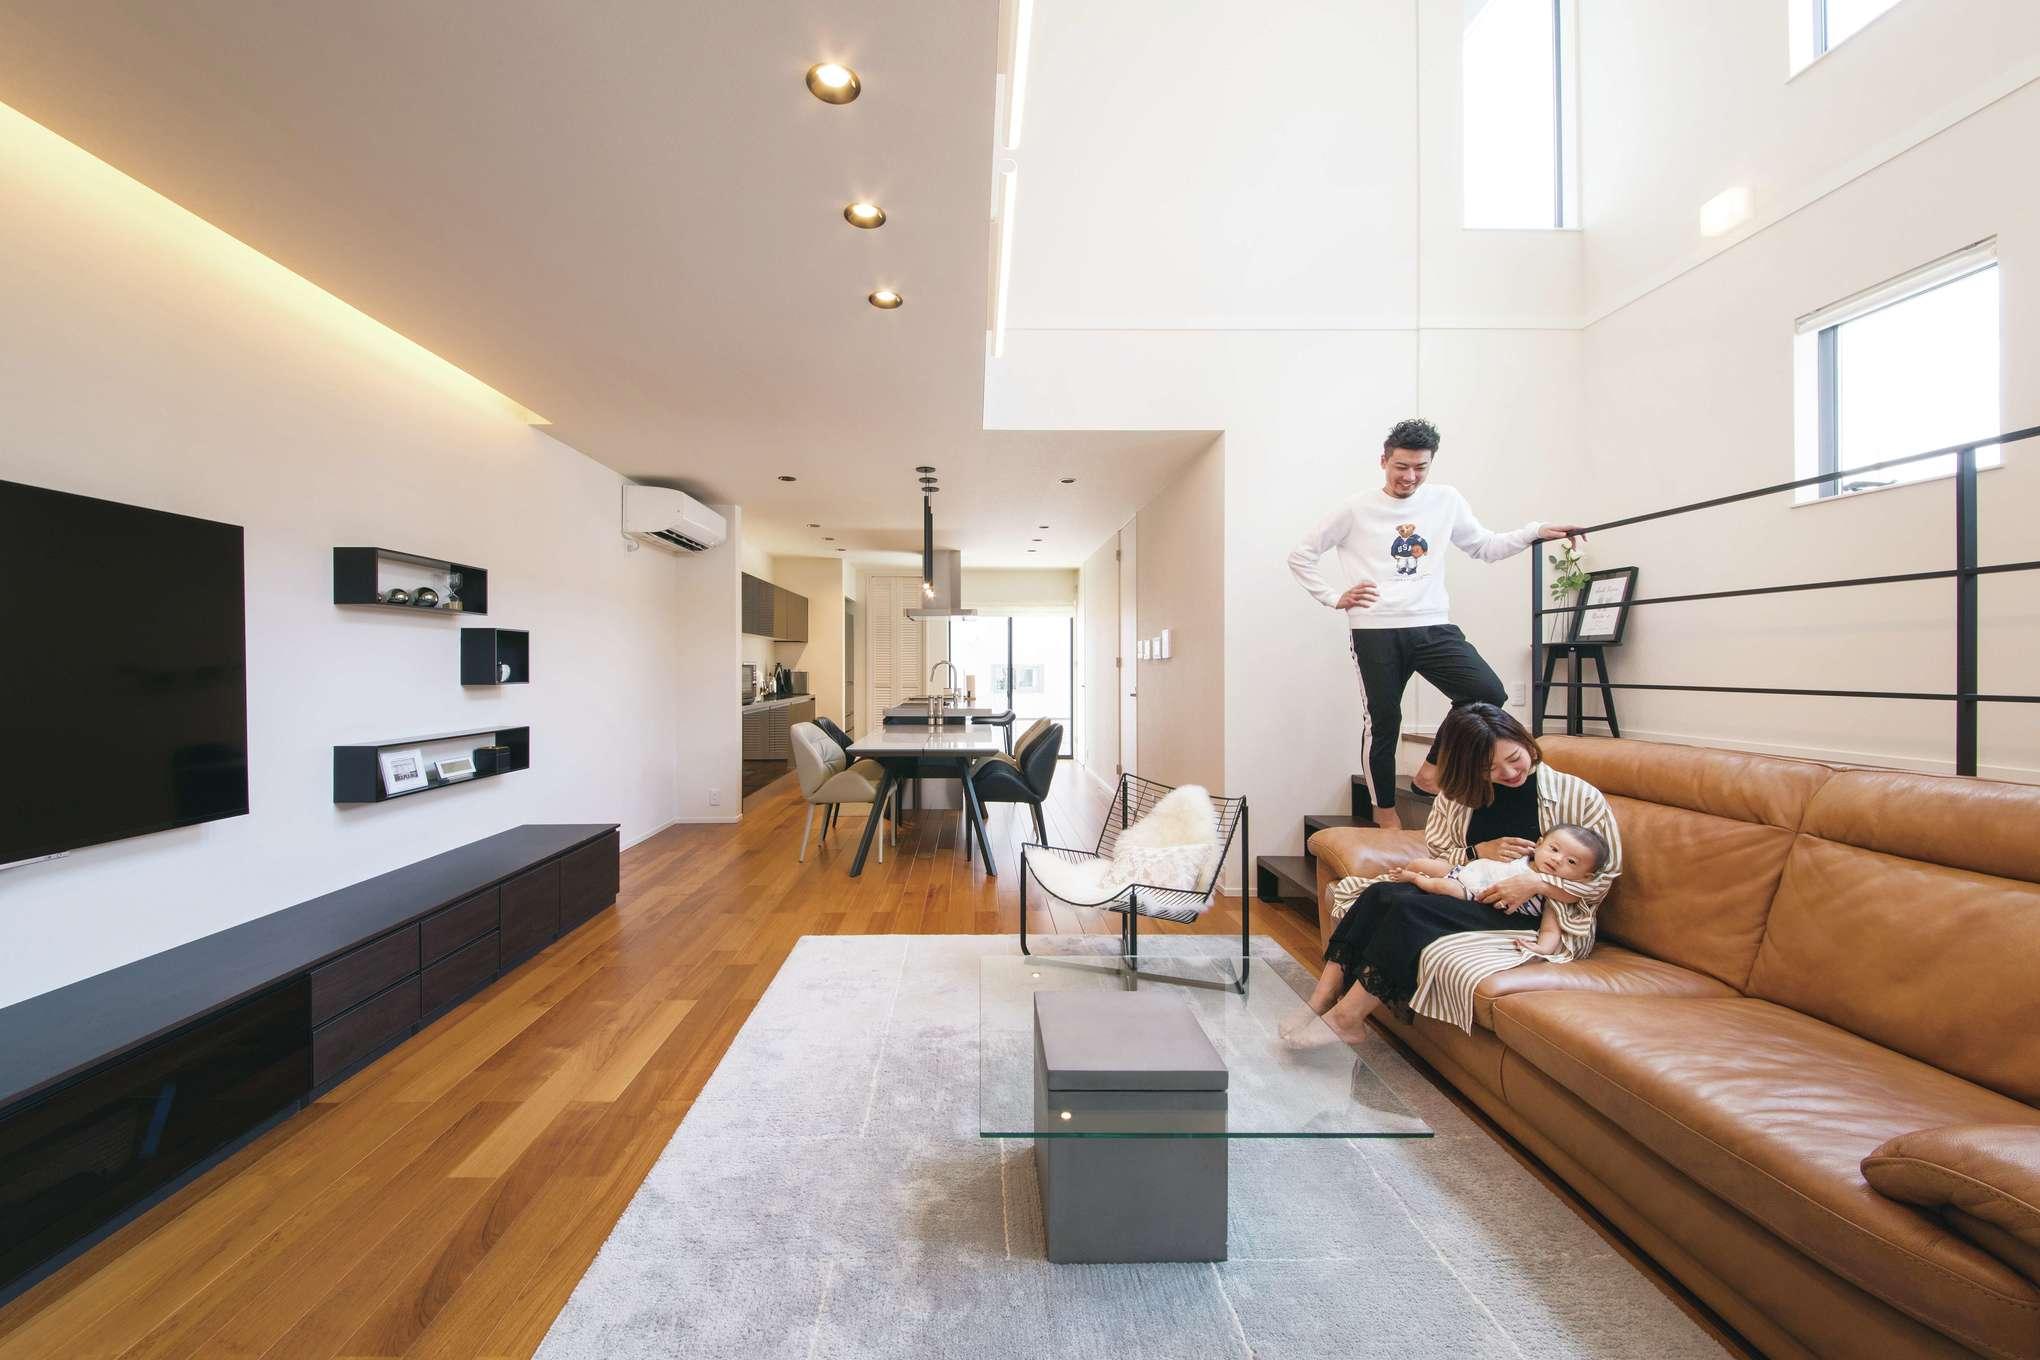 幸和ハウジング【デザイン住宅、屋上バルコニー、インテリア】リビングにスキップフロアがあることで、空間にメリハリと遊び心がプラスされた